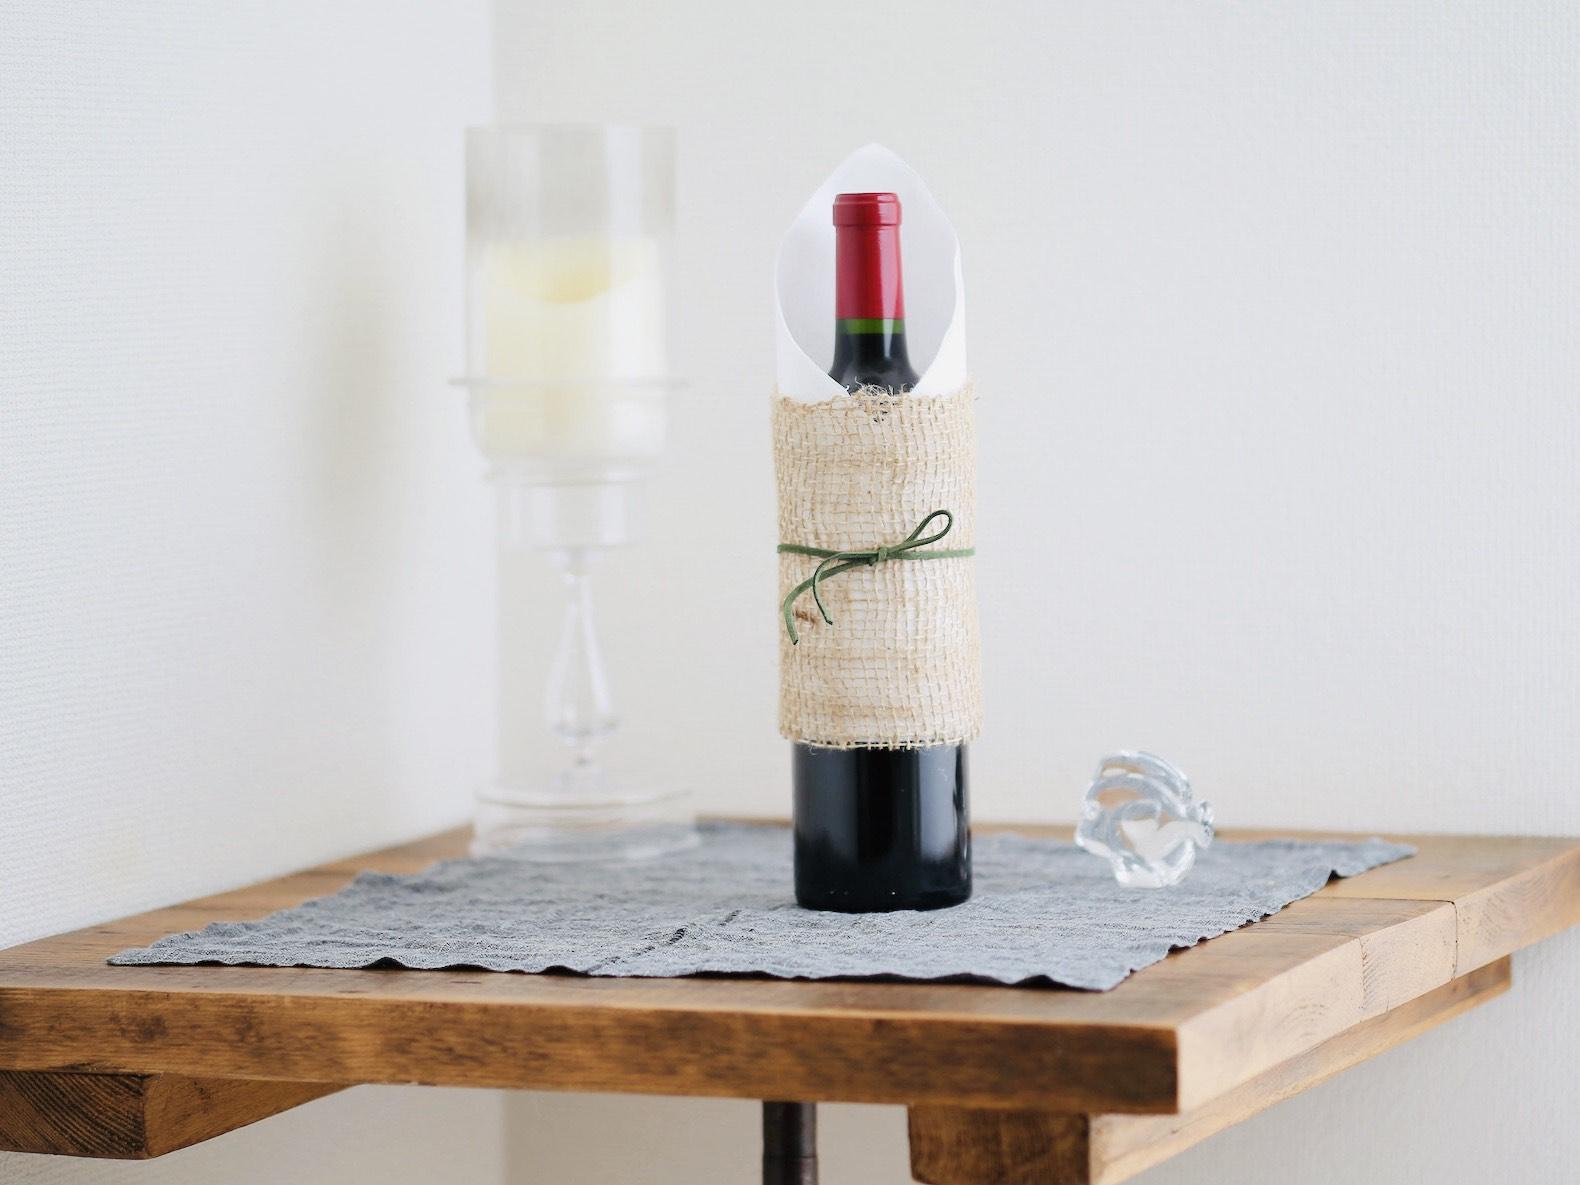 アパレルバイヤーセレクトの高級ワイン通販サイトがオープン!